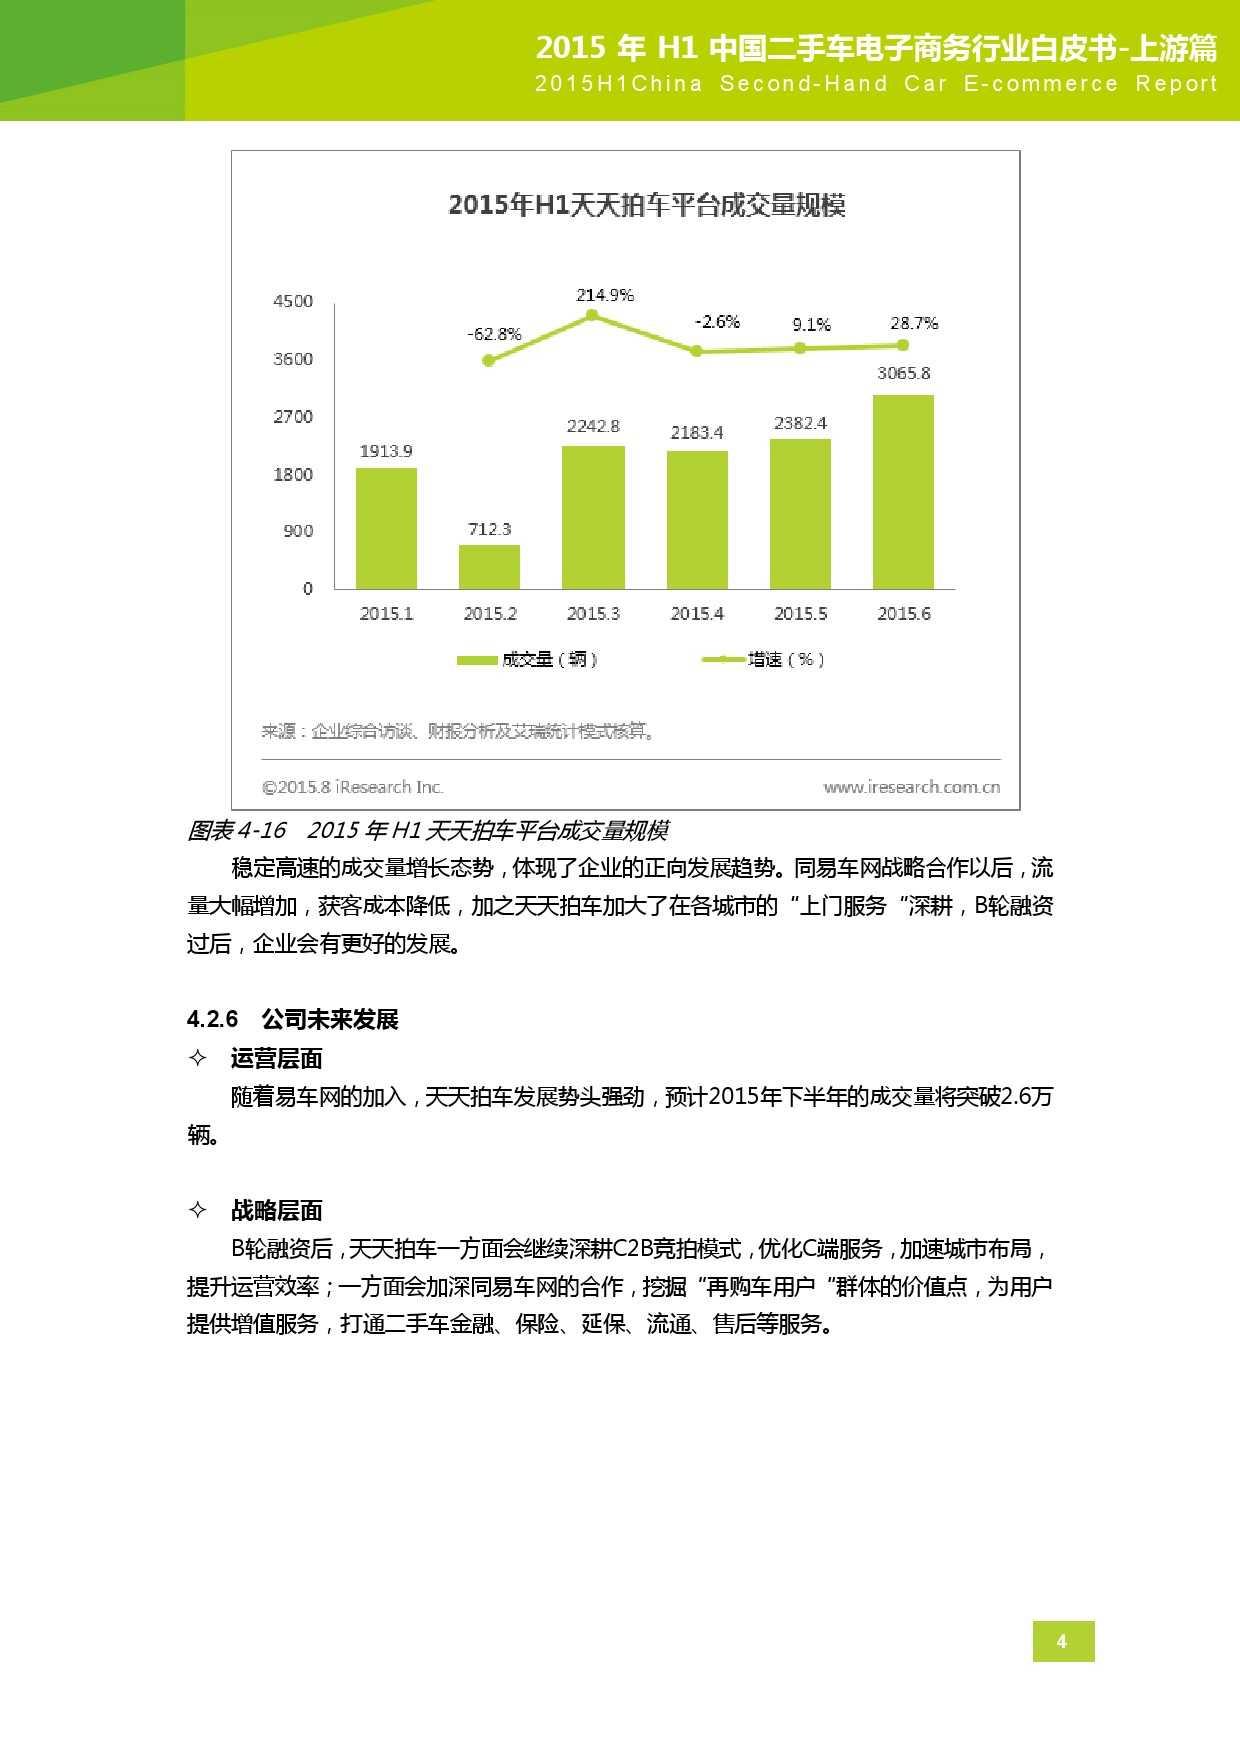 2015年中国二手车电子商务行业白皮书-上游篇_000053